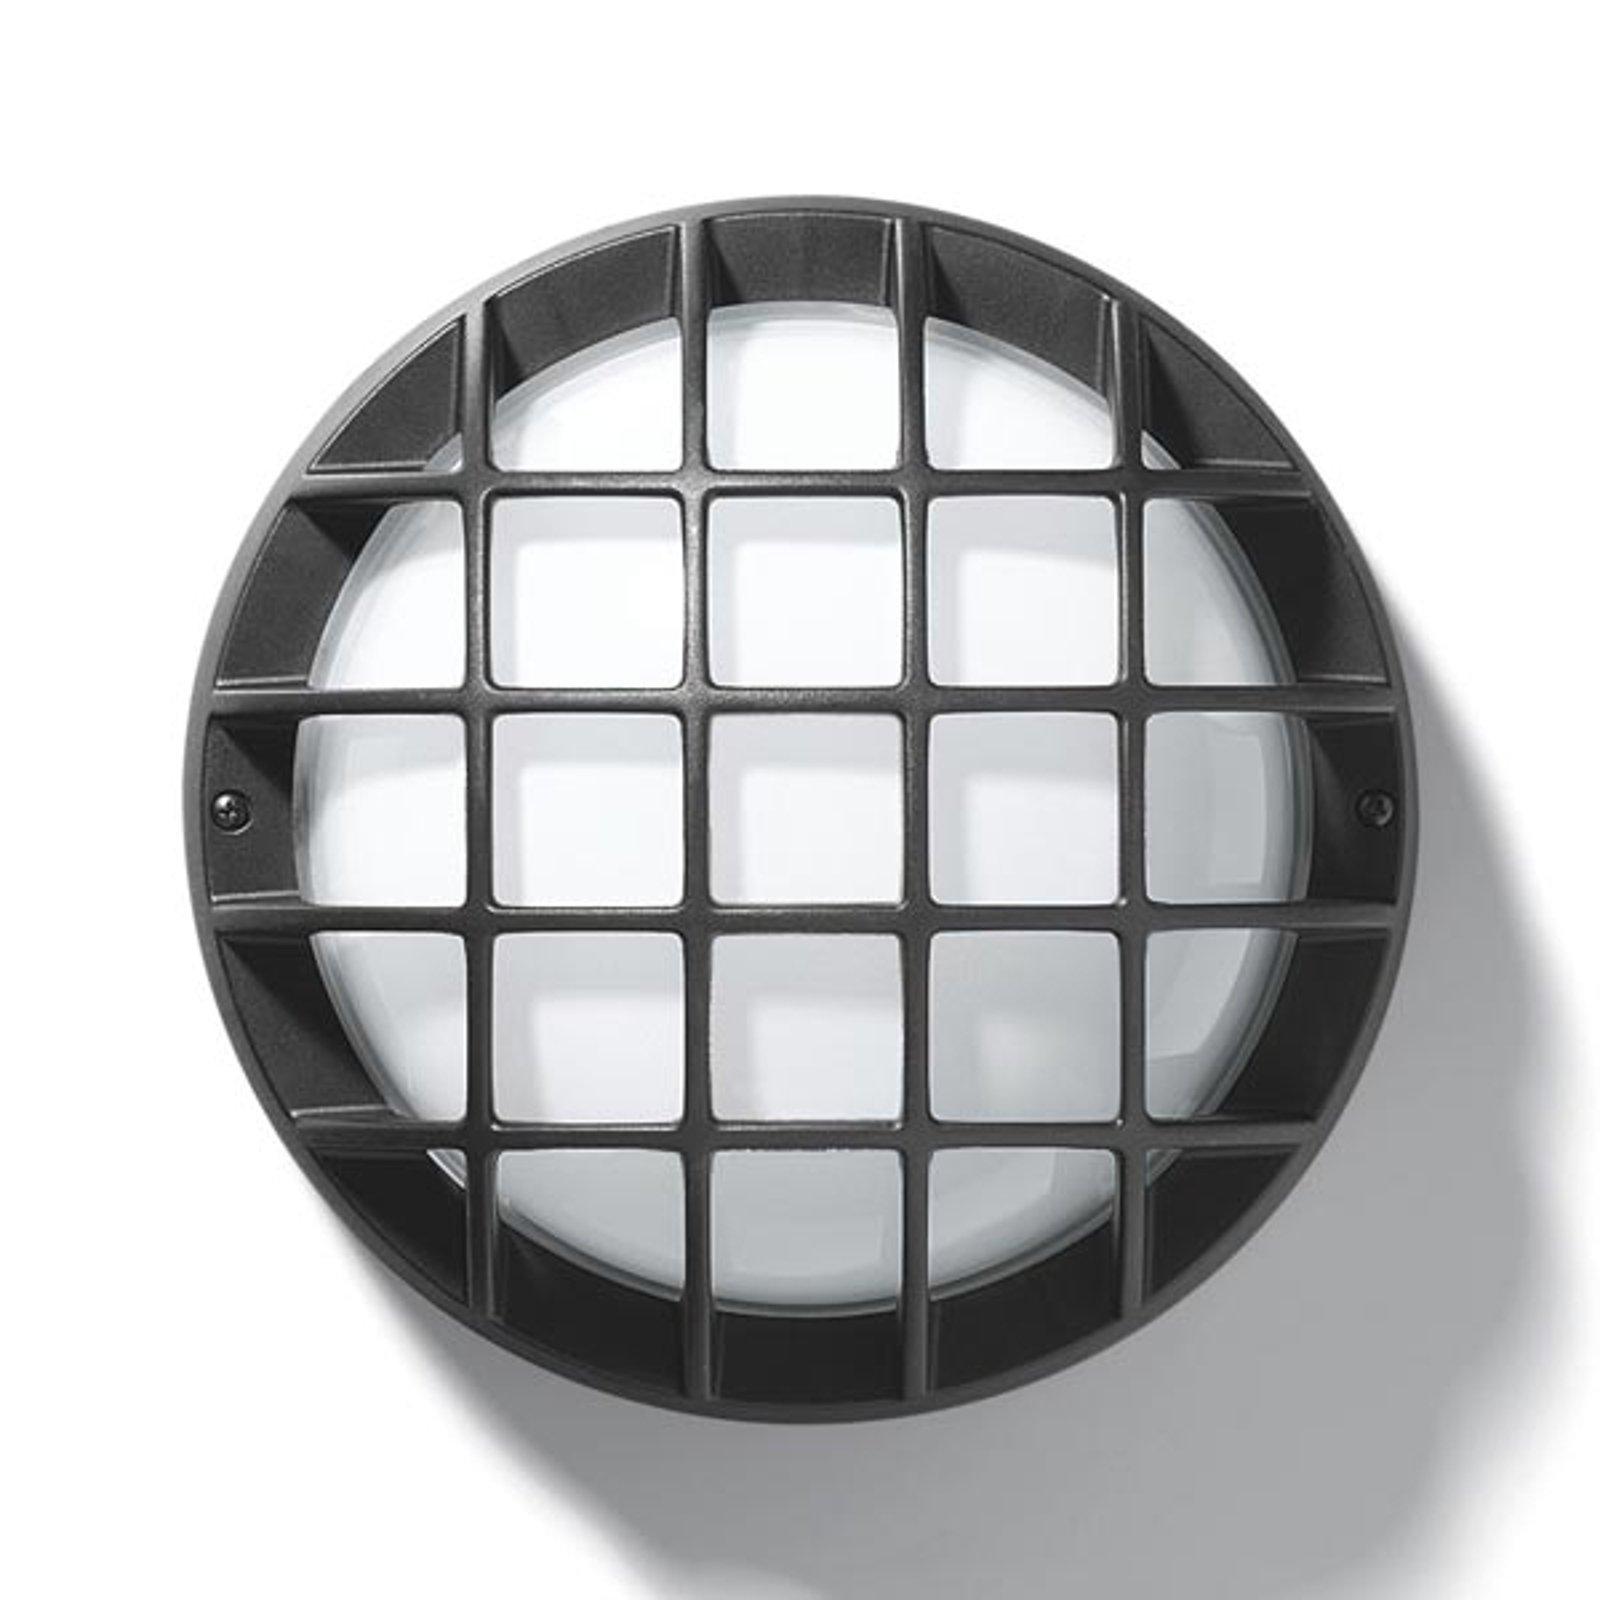 EKO 21/G vegg- eller taklampe i antrasitt